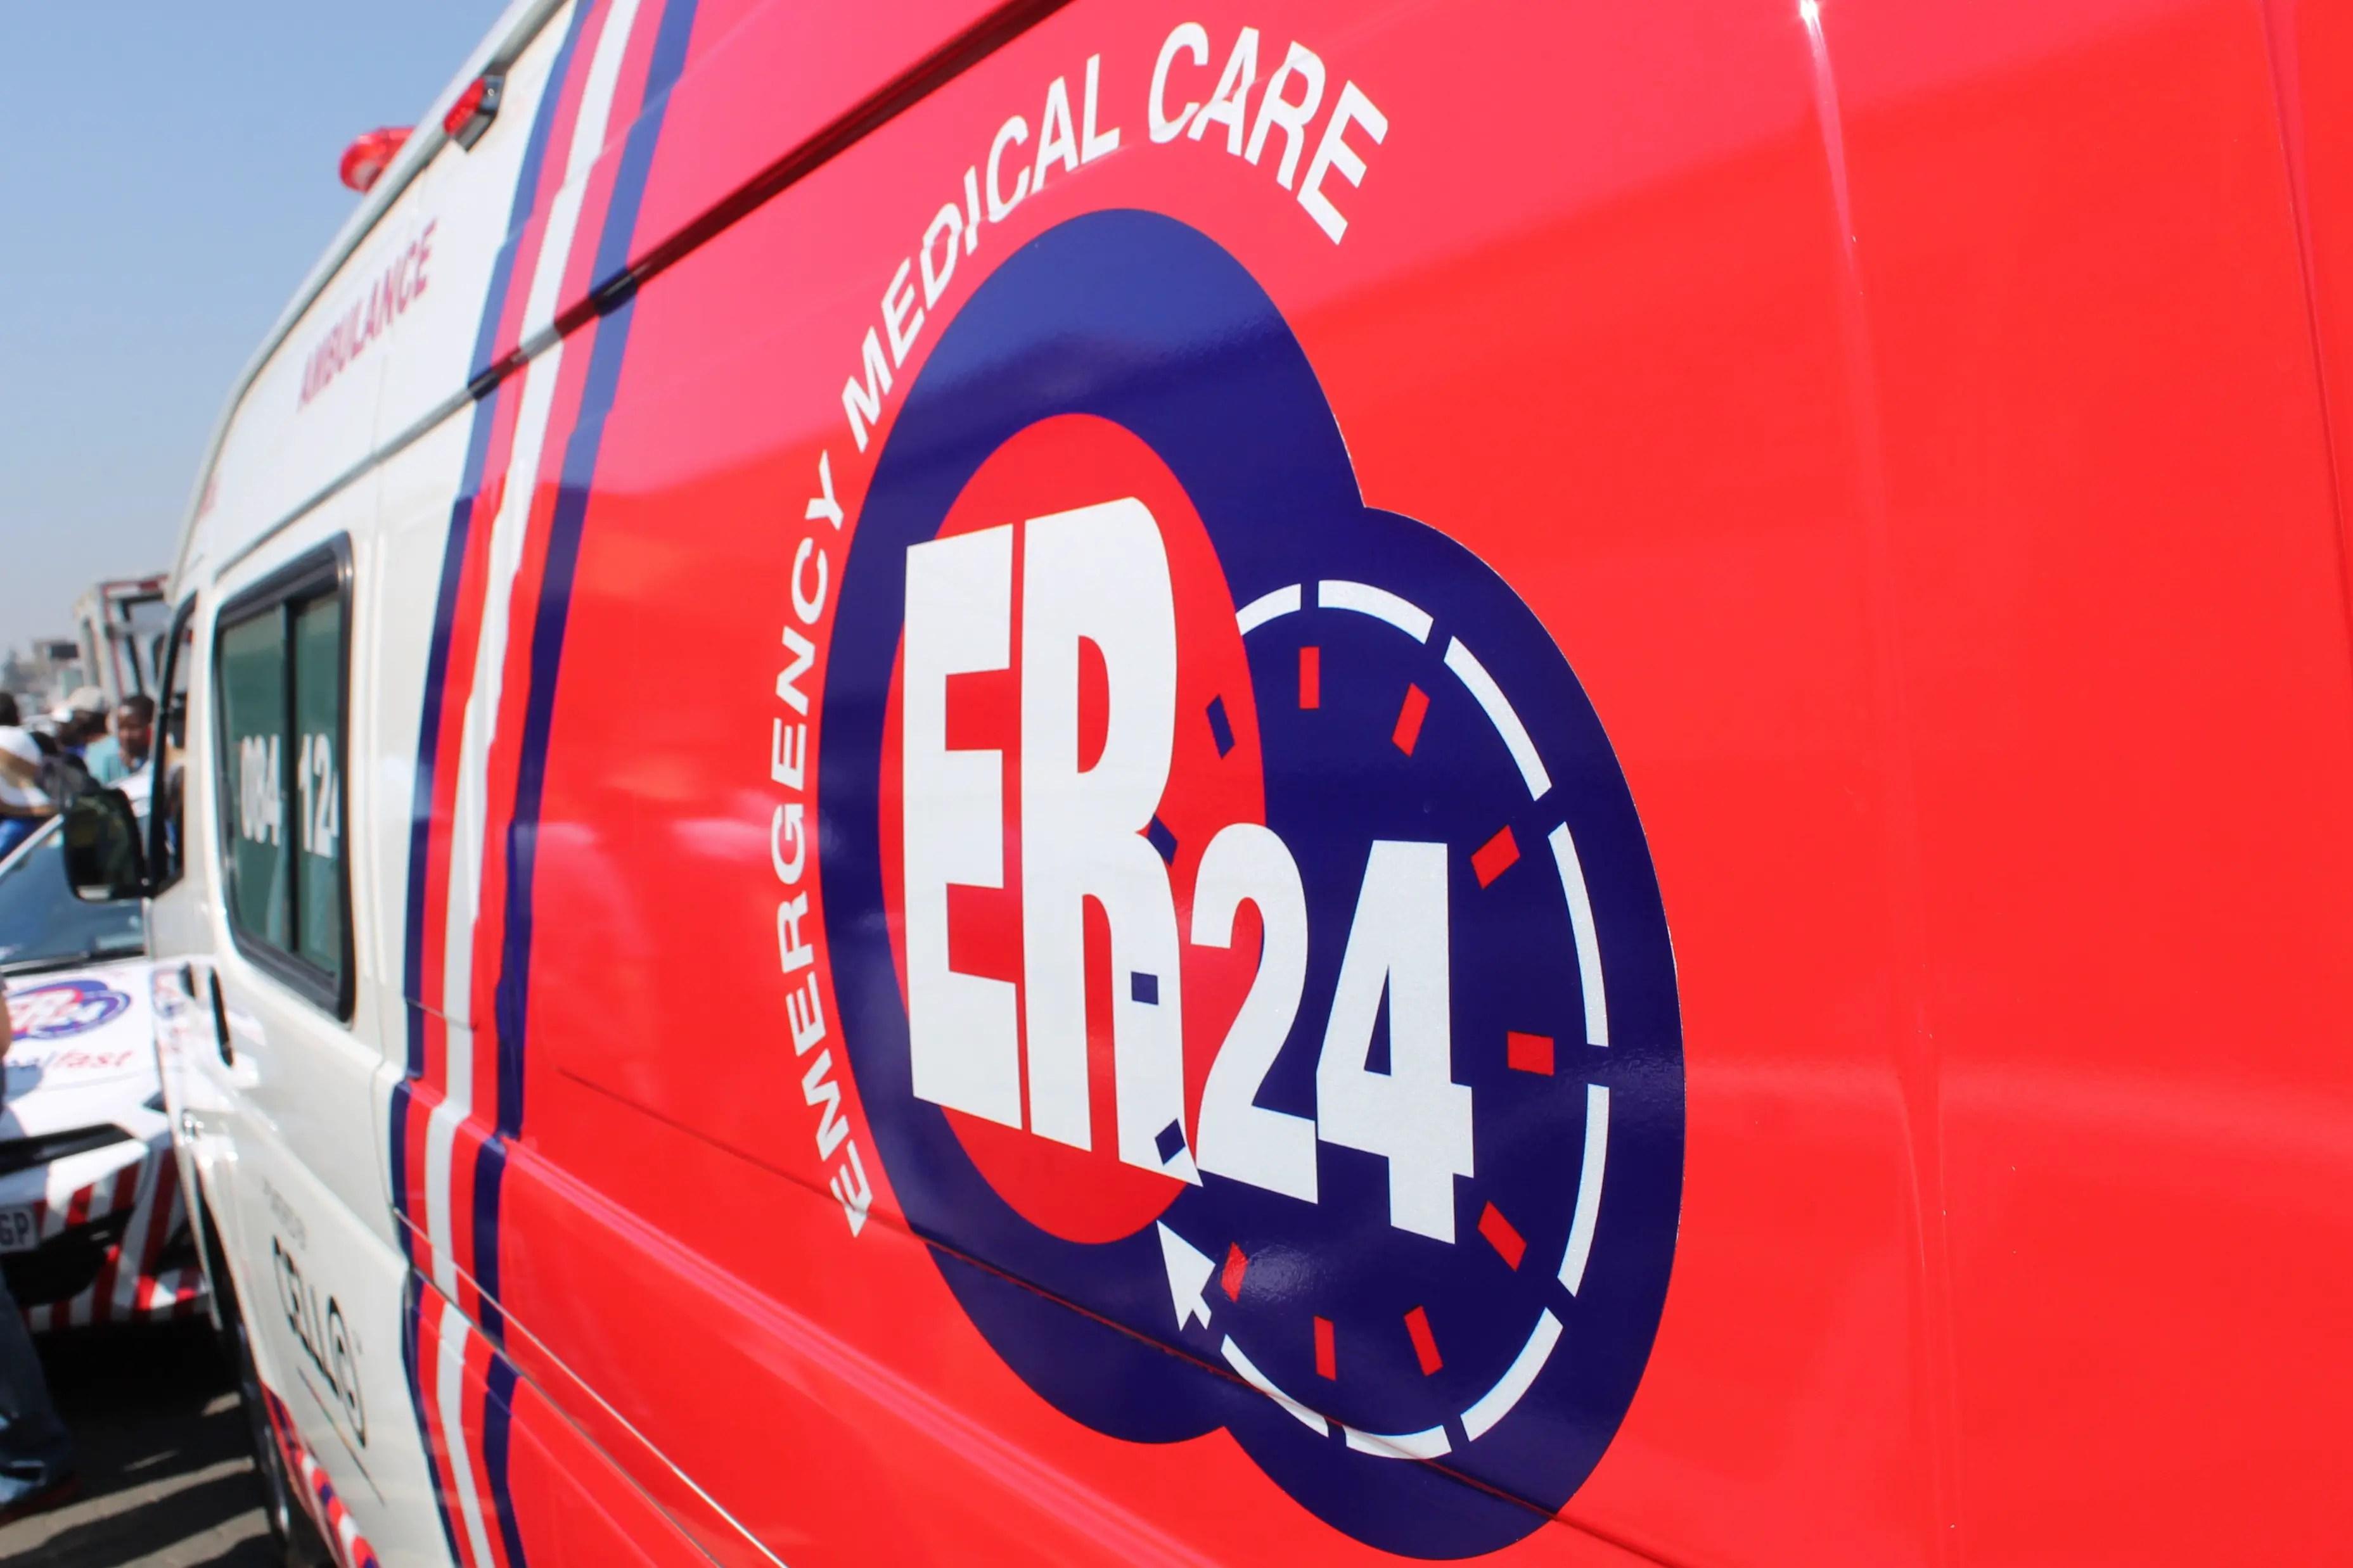 French stabbed ER24